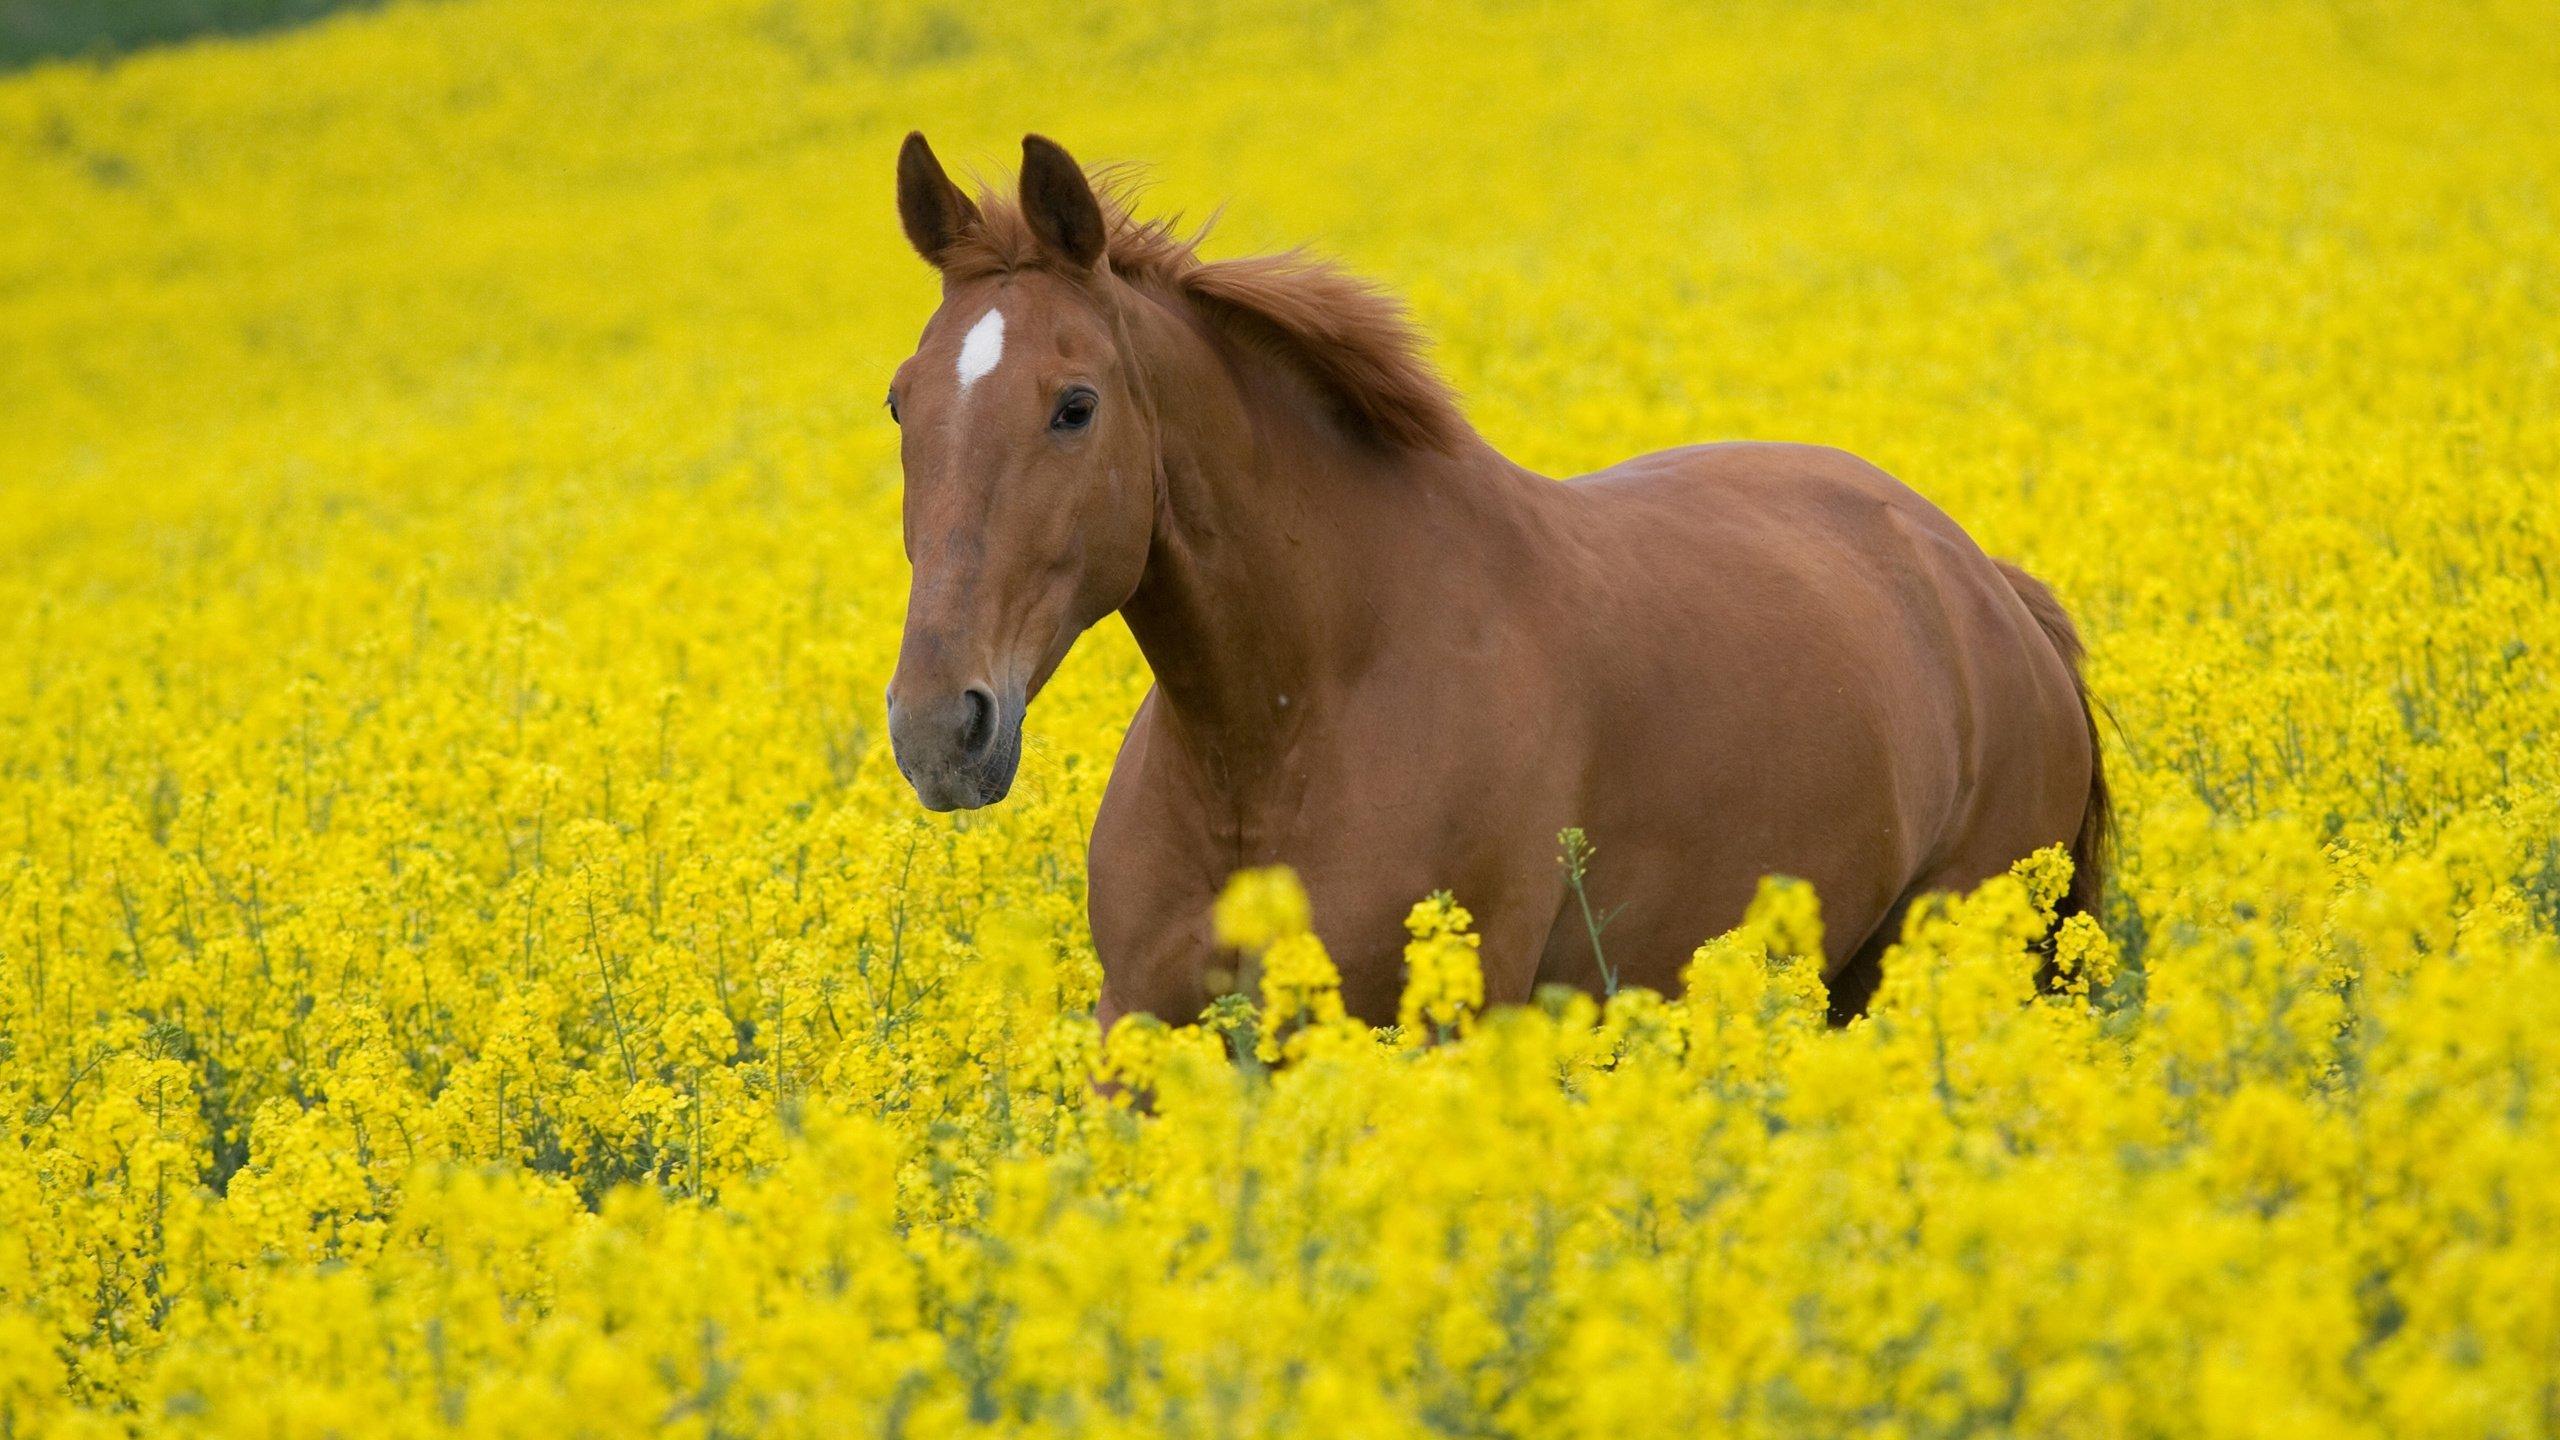 Лошадка Для Детей картинки, бесплатные обои и фото 54